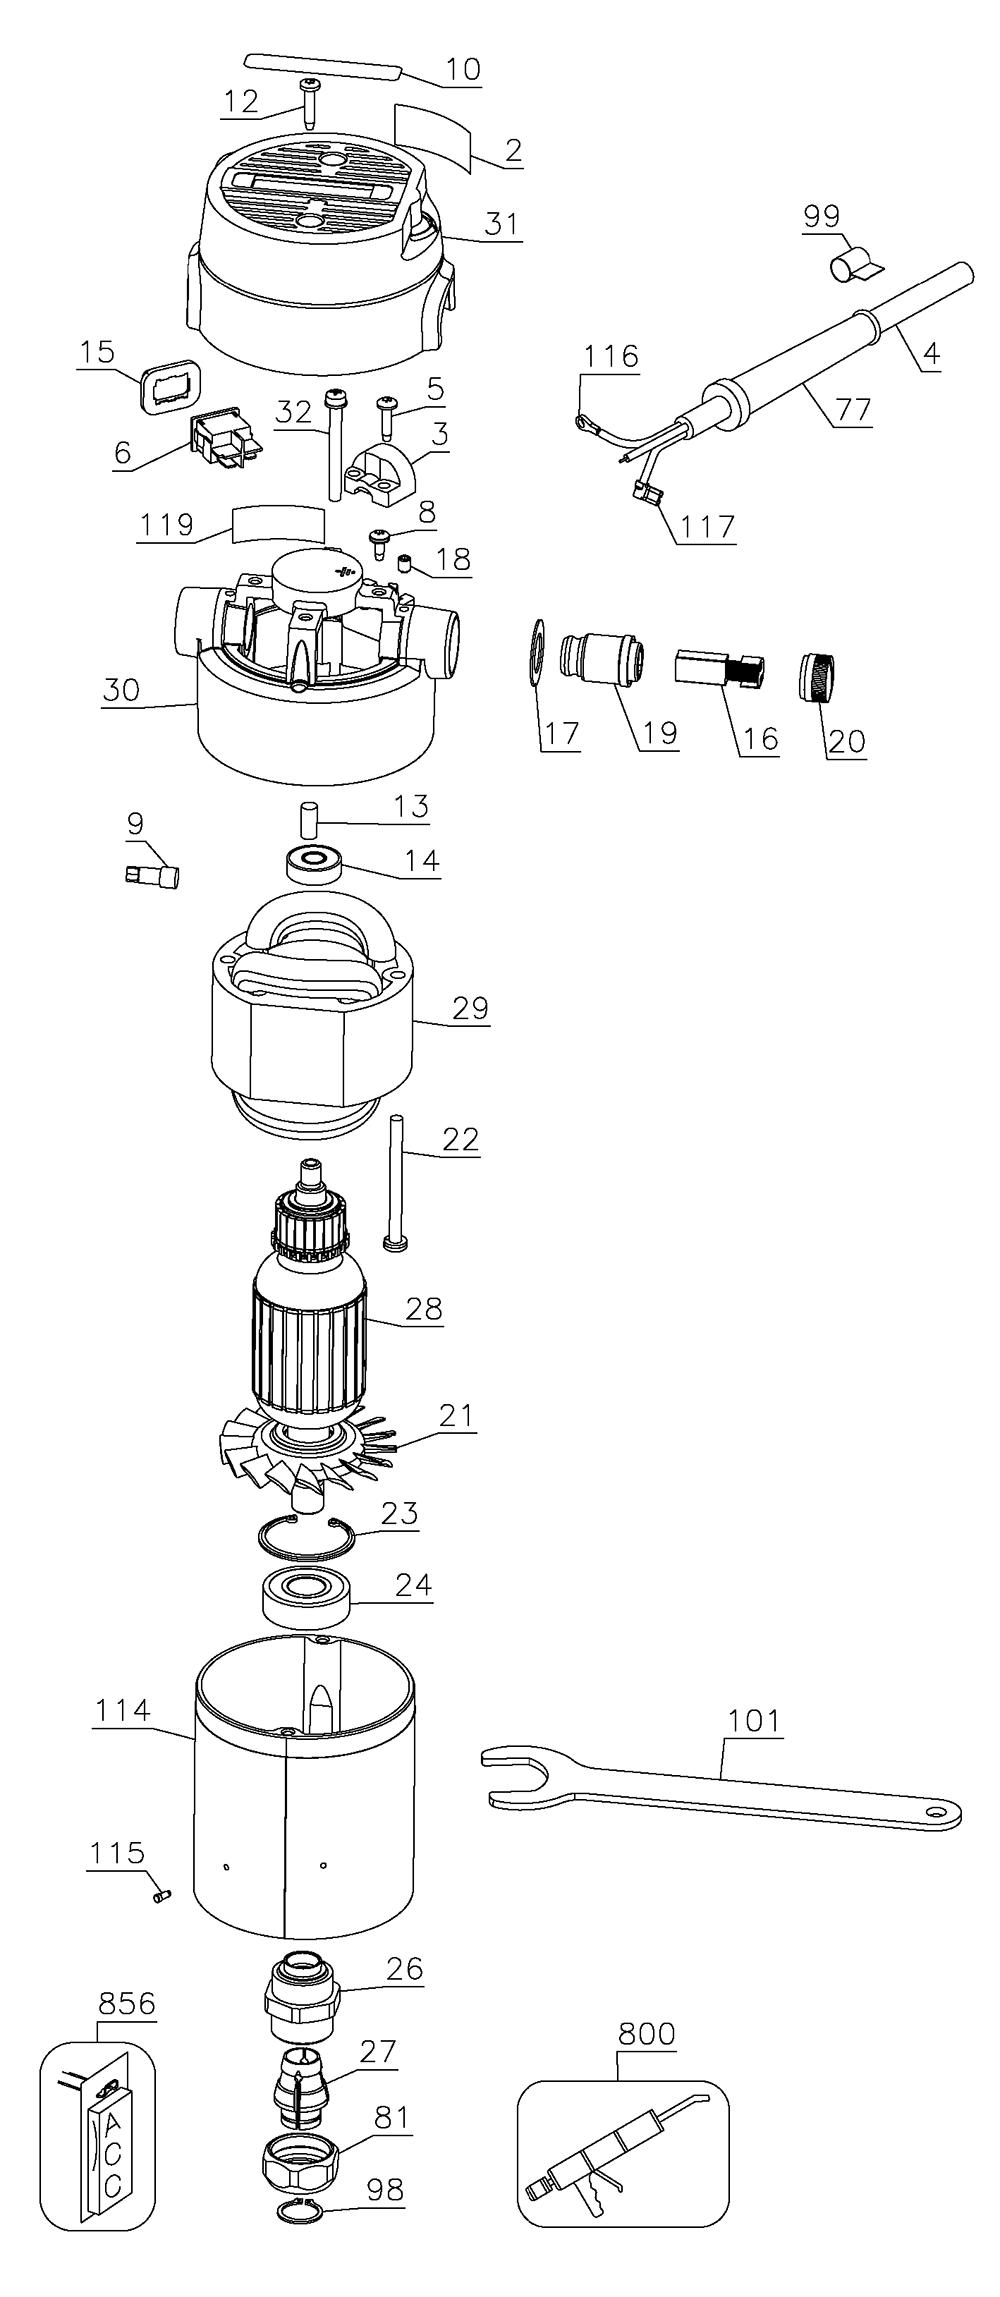 DWP690-Dewalt-T1-PB-1Break Down